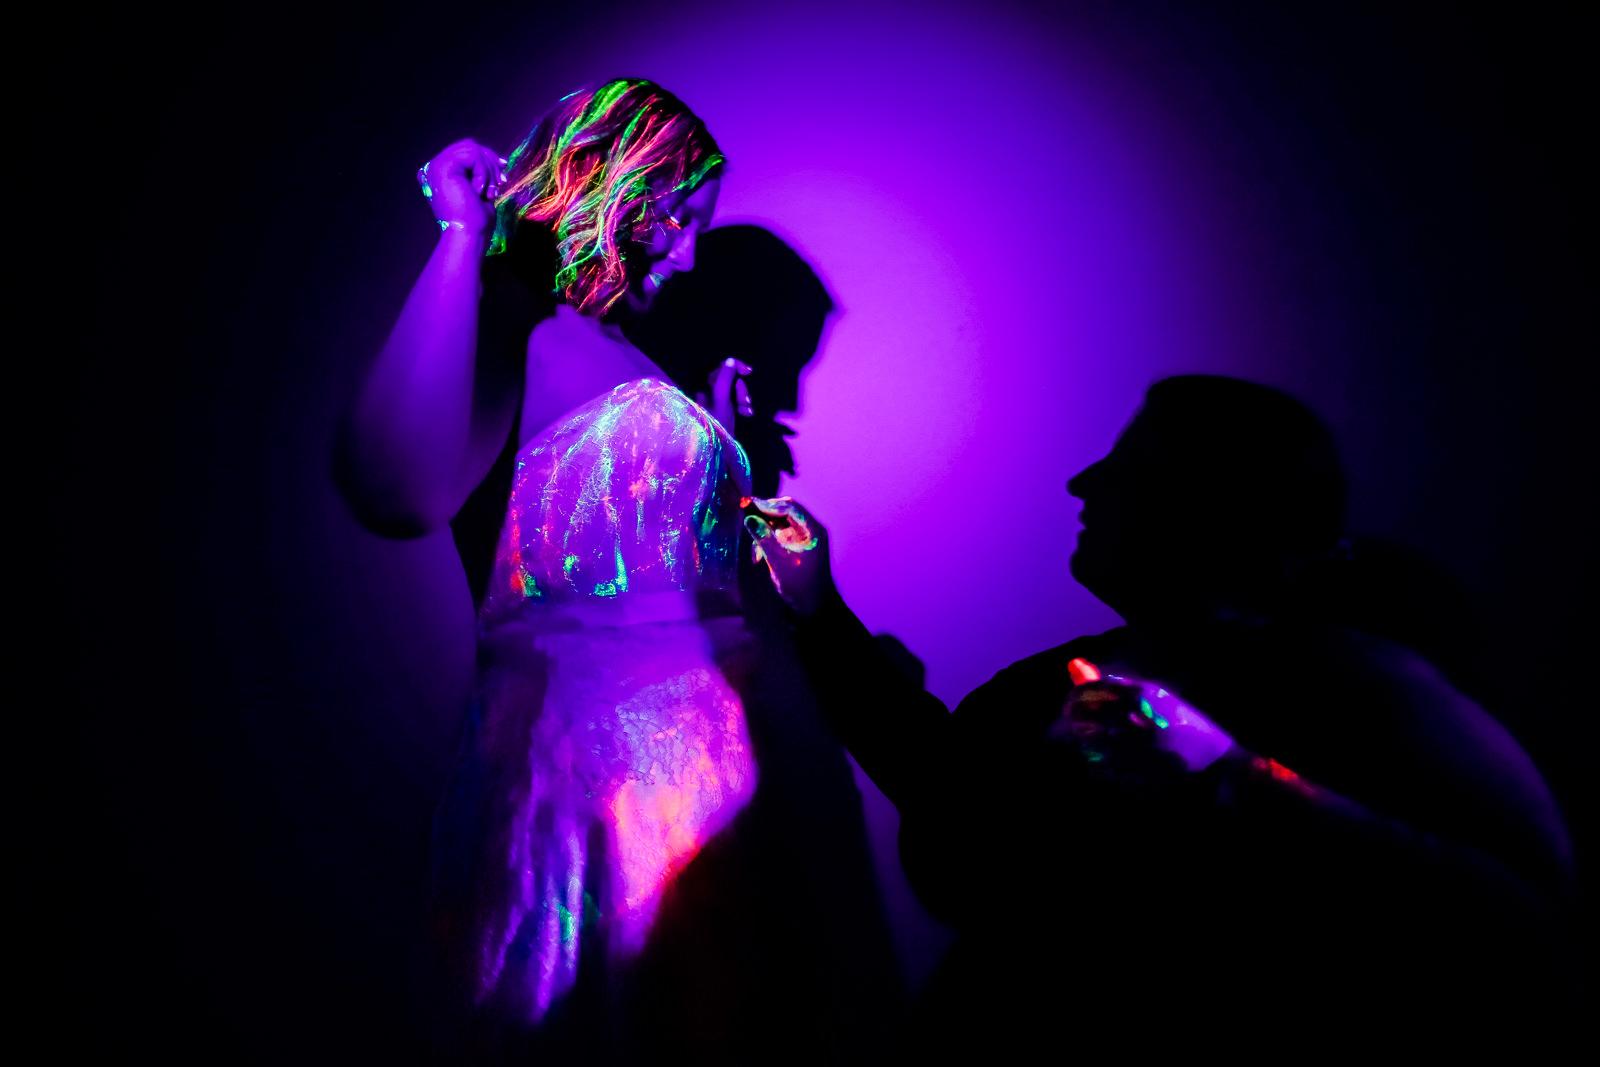 Styling der Braut bei einer Schwarzlicht Hochzeit im Wald fotografiert von Hochzeitsfotograf Steven Herrschaft aus Wiesbaden